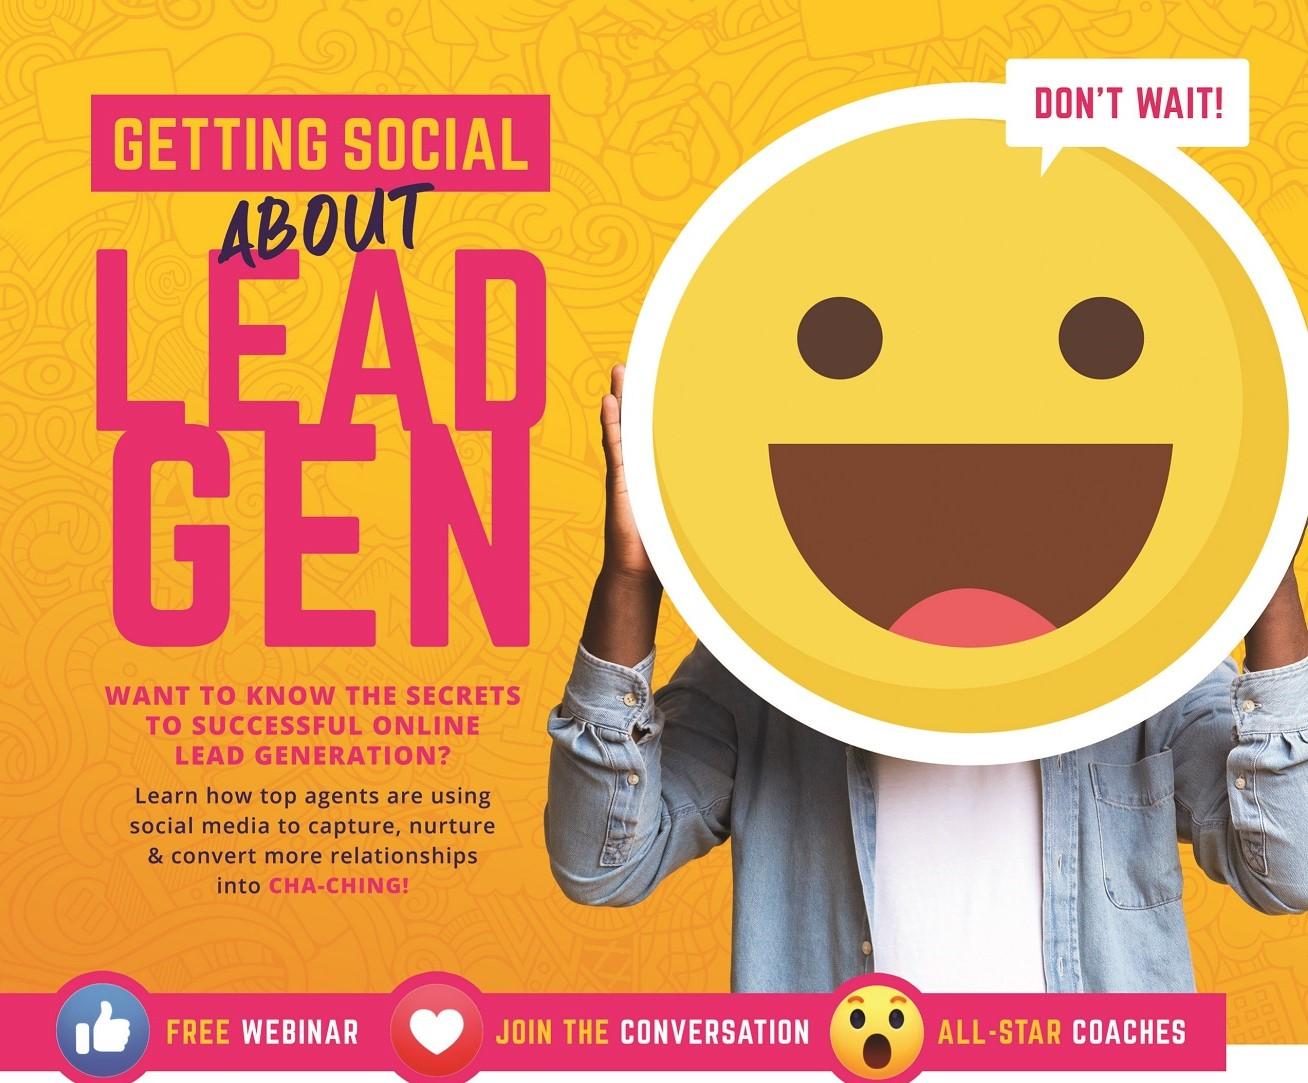 Socialleadgen Hgar Print